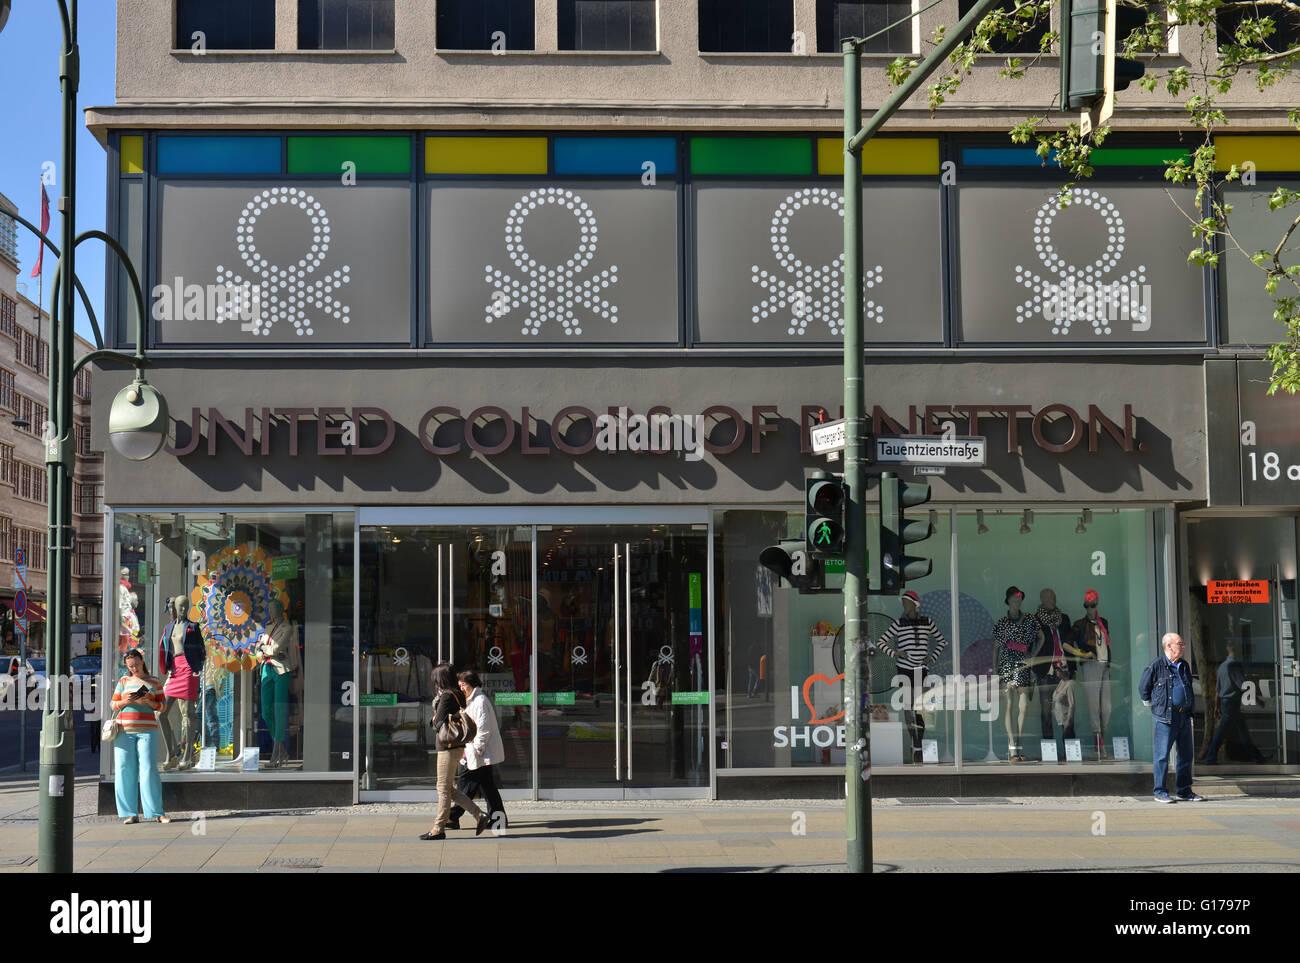 Benetton, Textilien, Tauentzienstrasse, Charlottenburg, Berlin, Deutschland - Stock Image